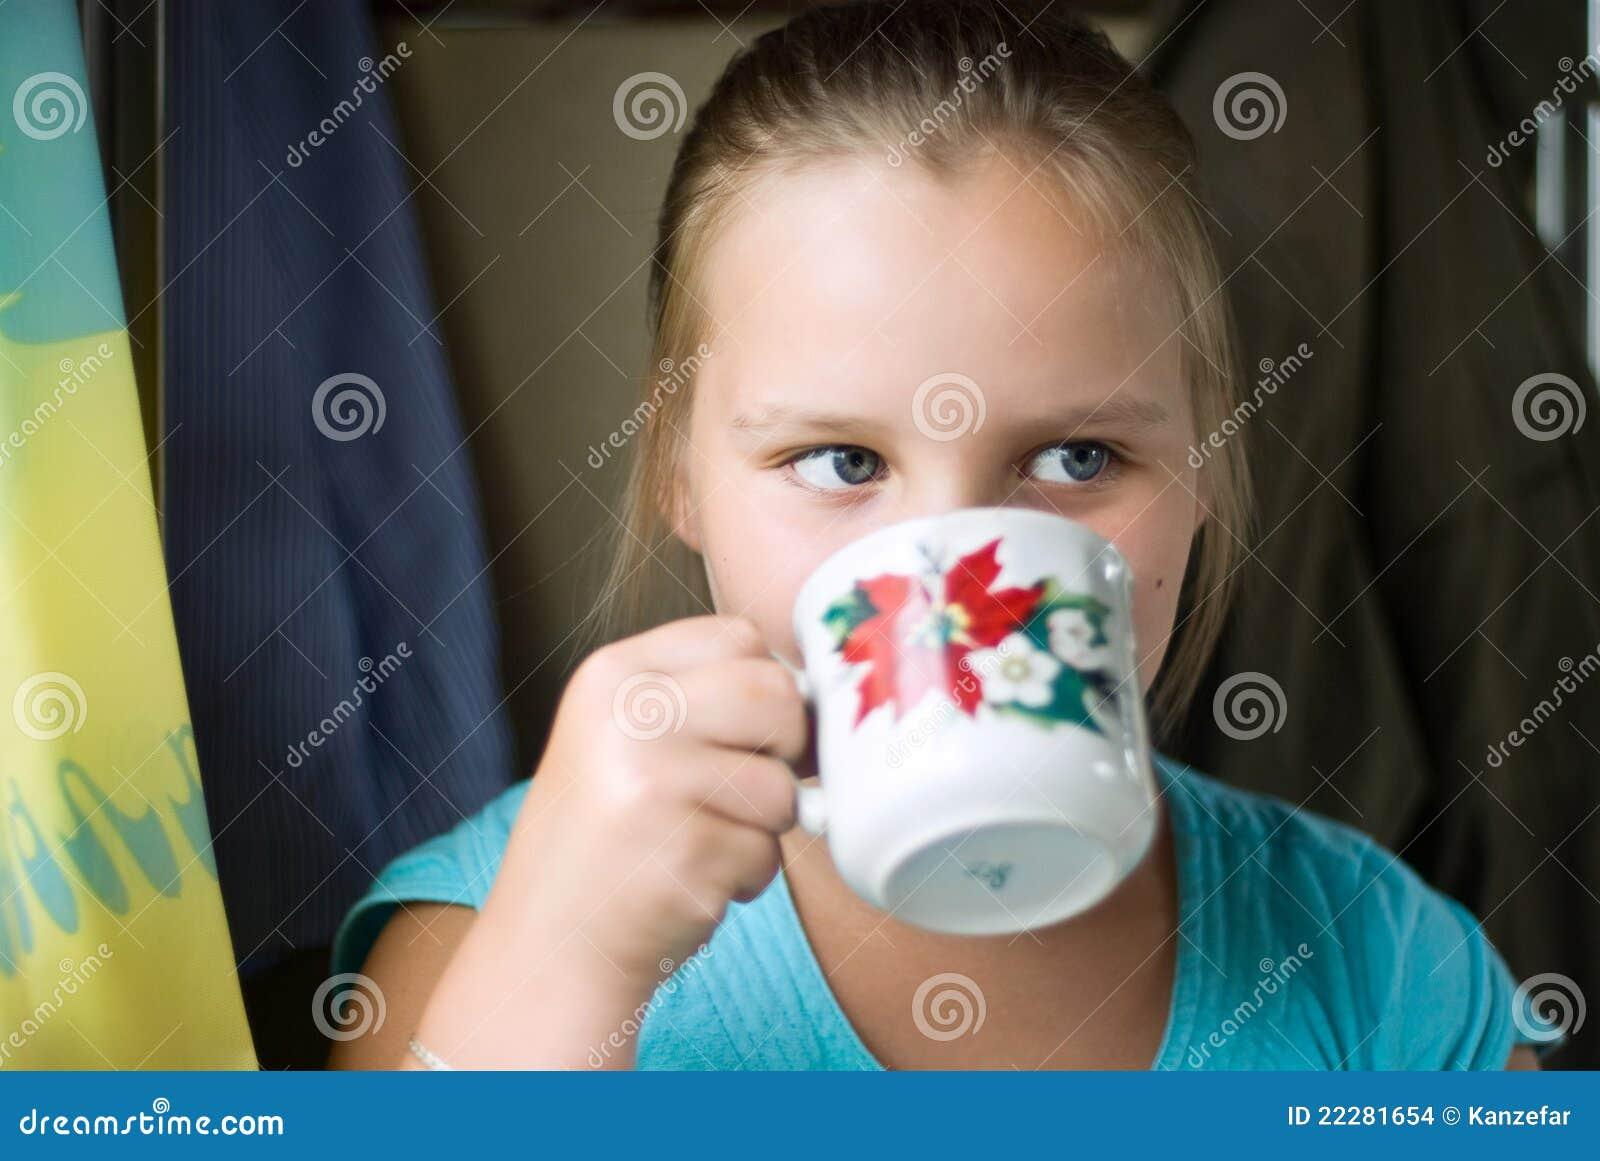 Le bevande della ragazza da una tazza